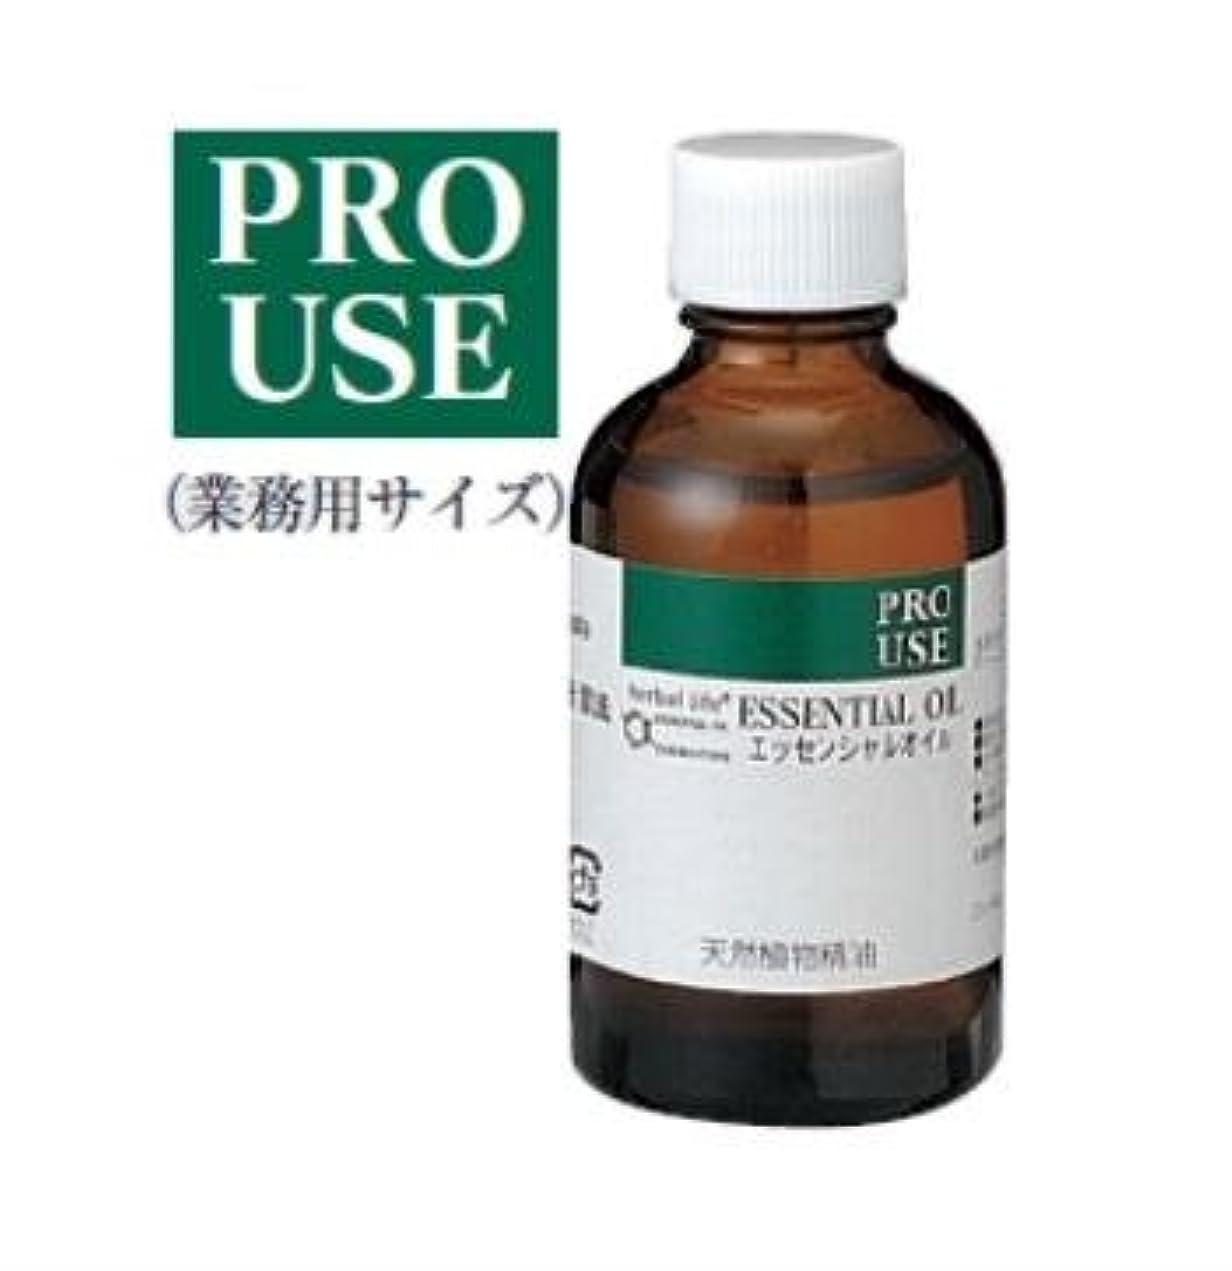 慰め活性化する一過性生活の木 エッセンシャルオイル フランキンセンス (オリバナム/乳香) 精油 50ml アロマオイル アロマ